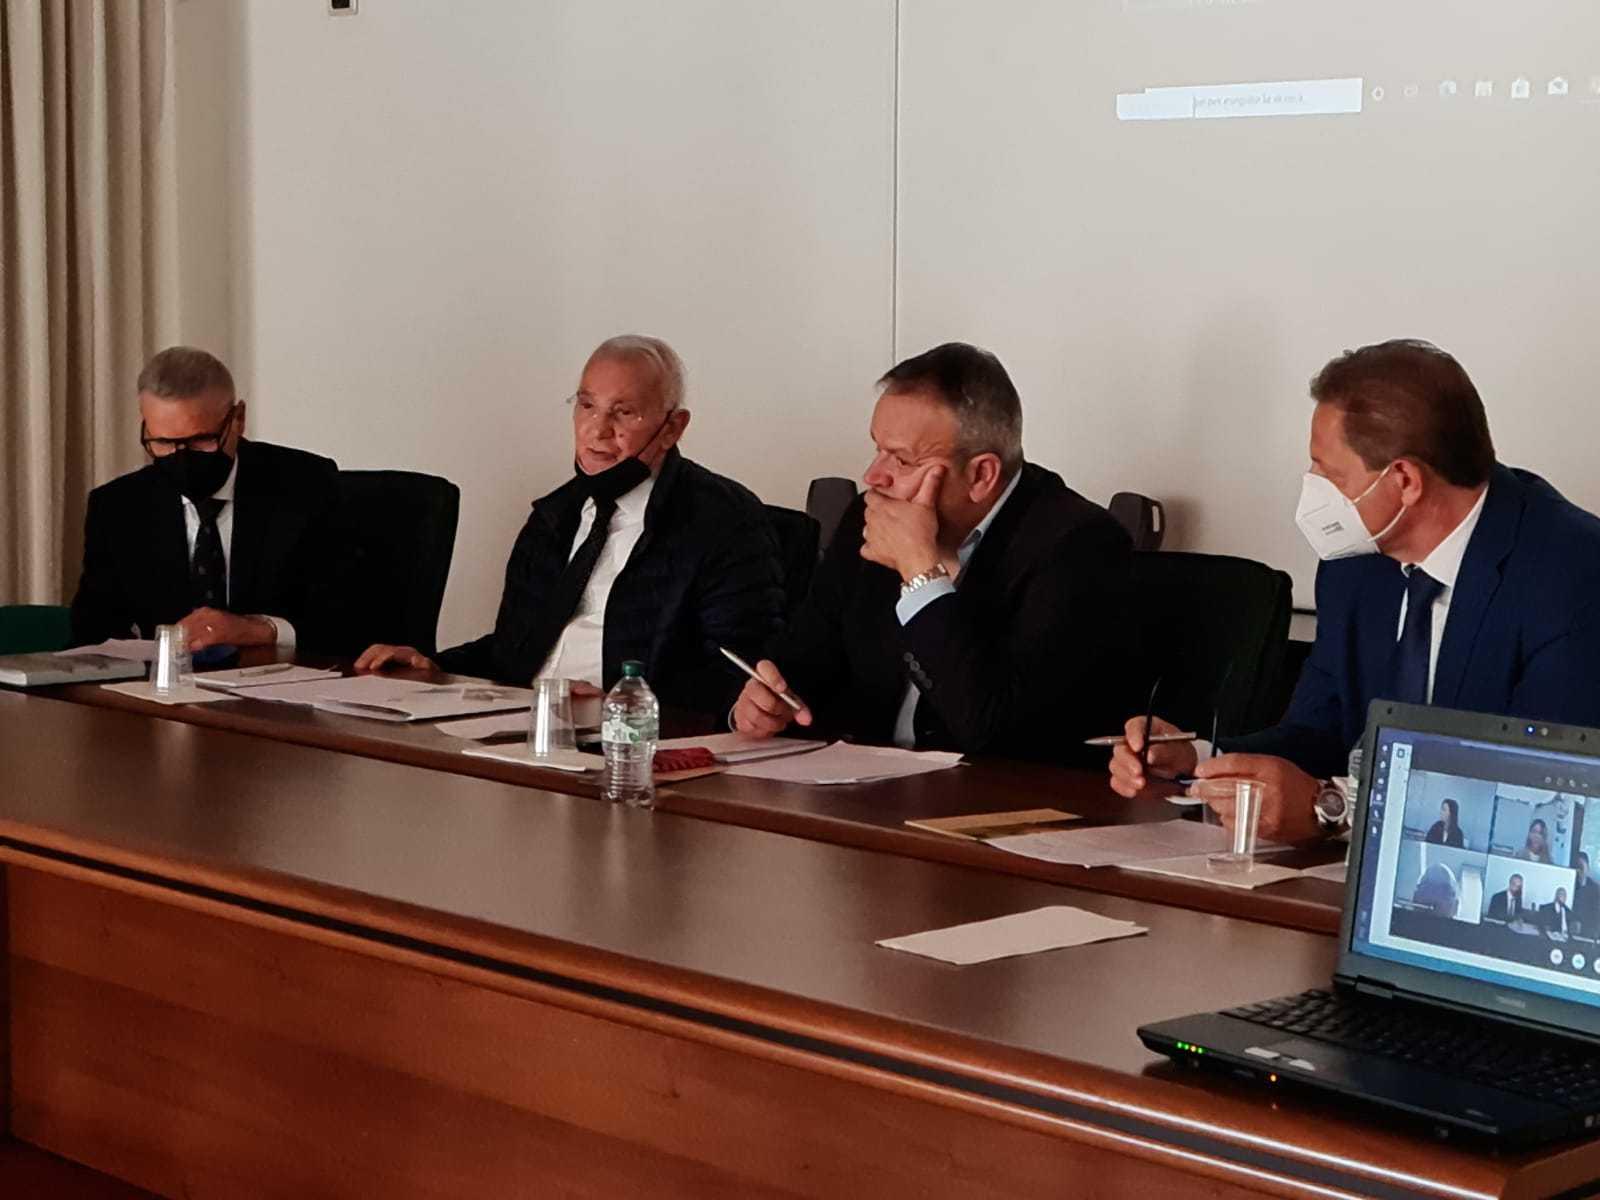 Convenzione rinnovata tra Banca del Fucino e Italconfidi: agevolato il rilancio dell'economia territoriale